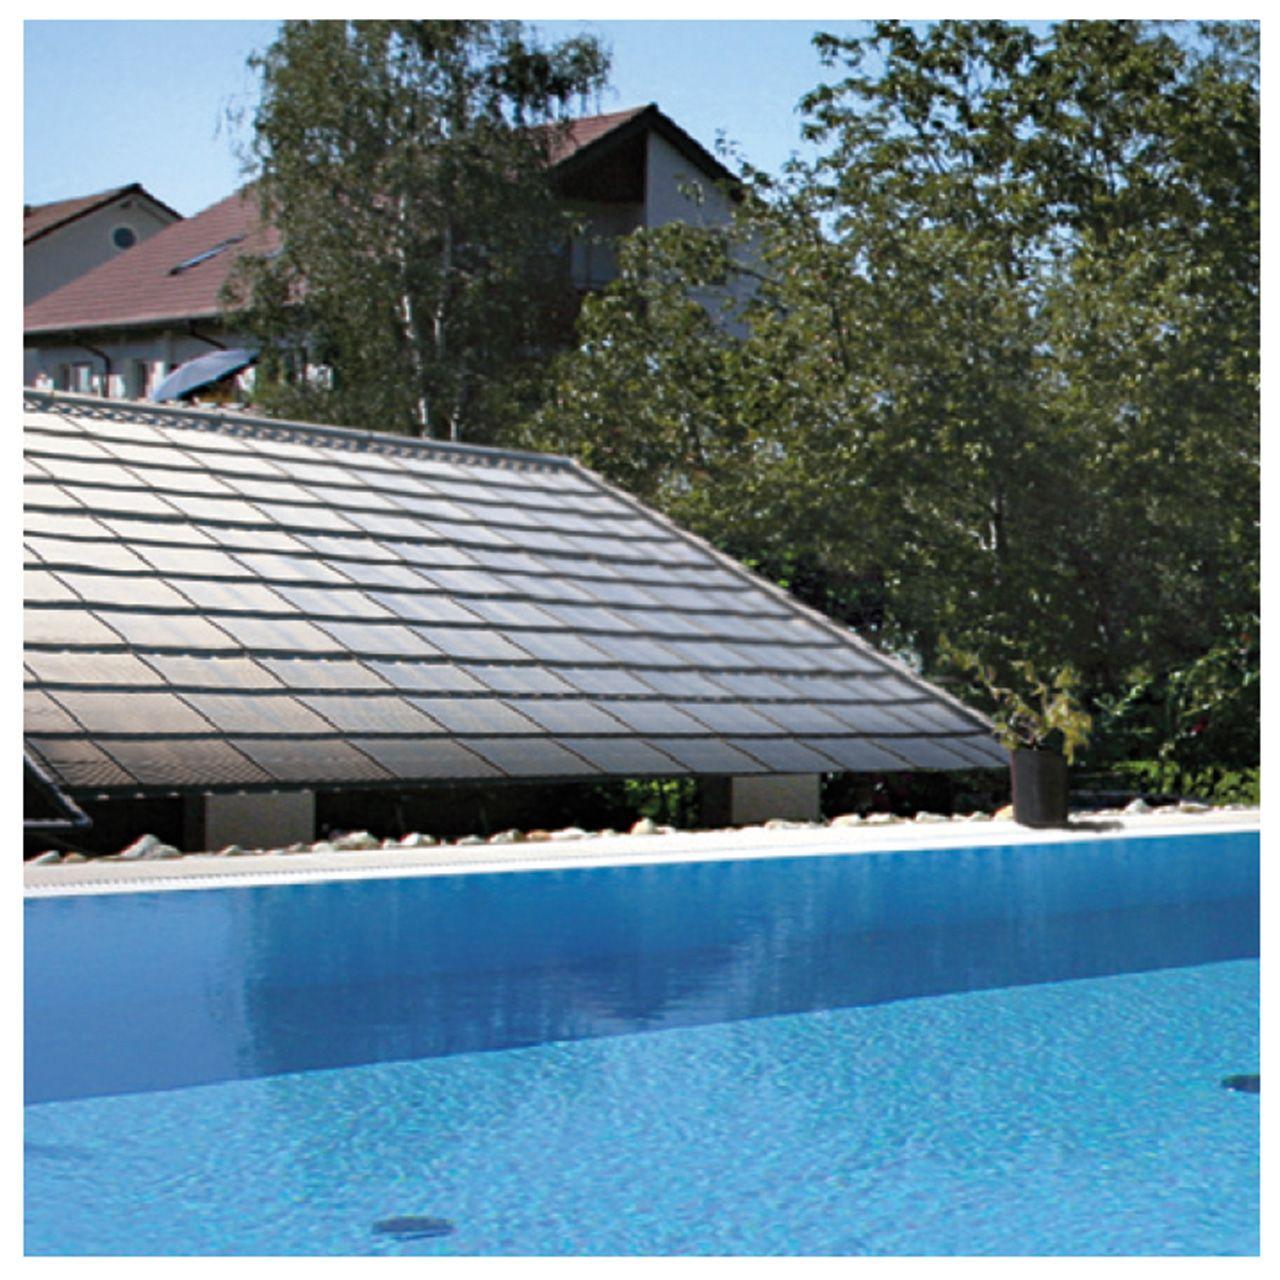 Schwimmbad Solaranlage Sunnyflex Fkb Schwimmbadtechnik